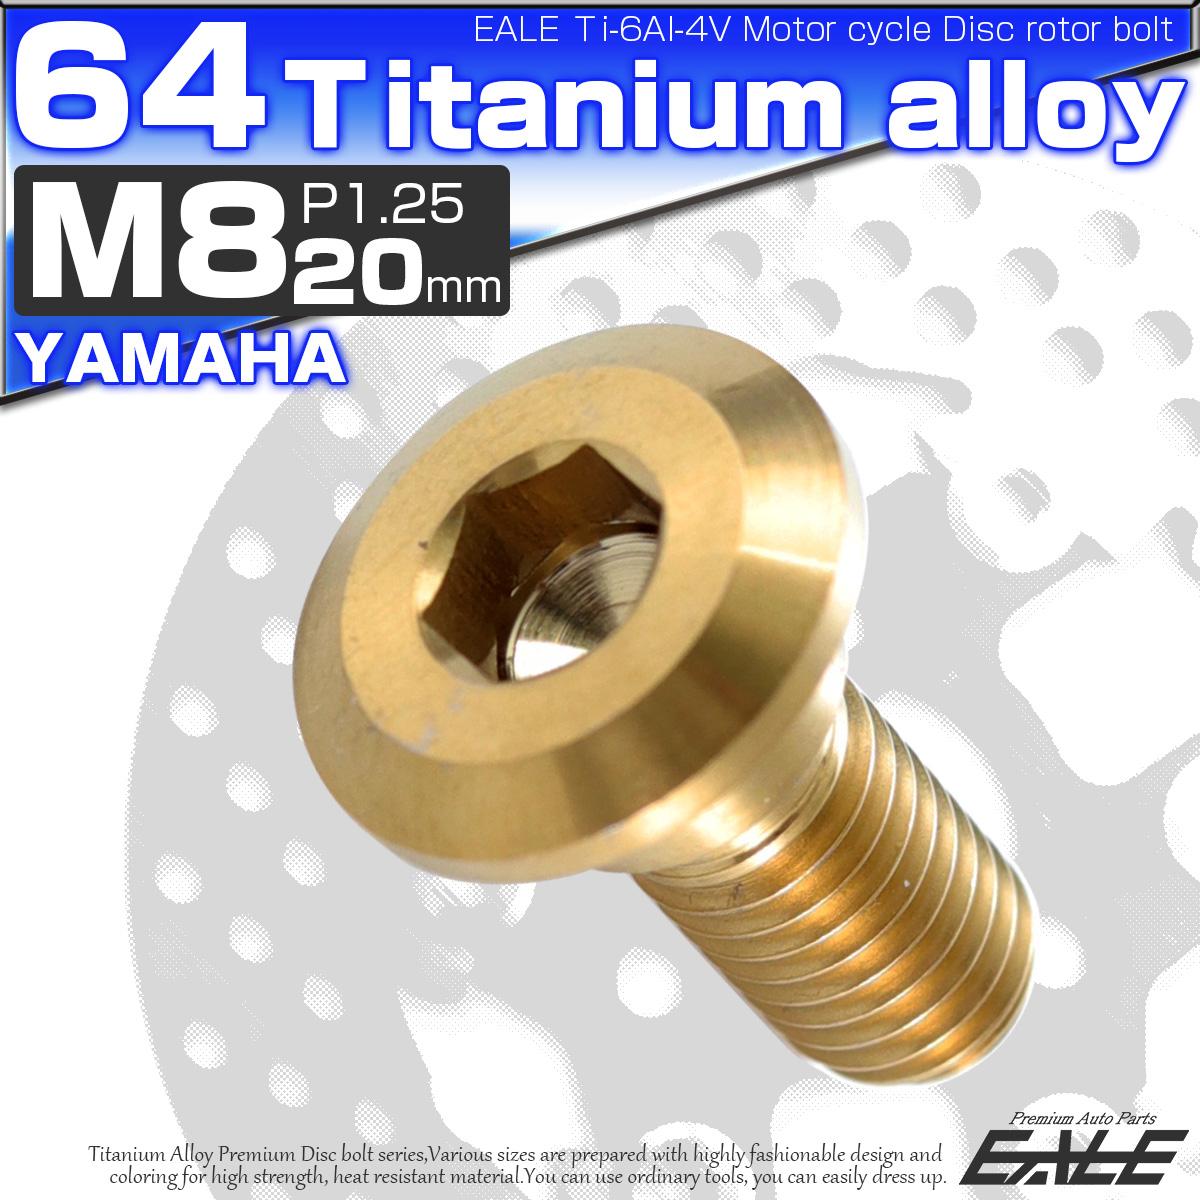 64チタン M8×20mm P=1.25 ブレーキディスク ローター ボルト ヤマハ車用 ゴールド 金色 JA078